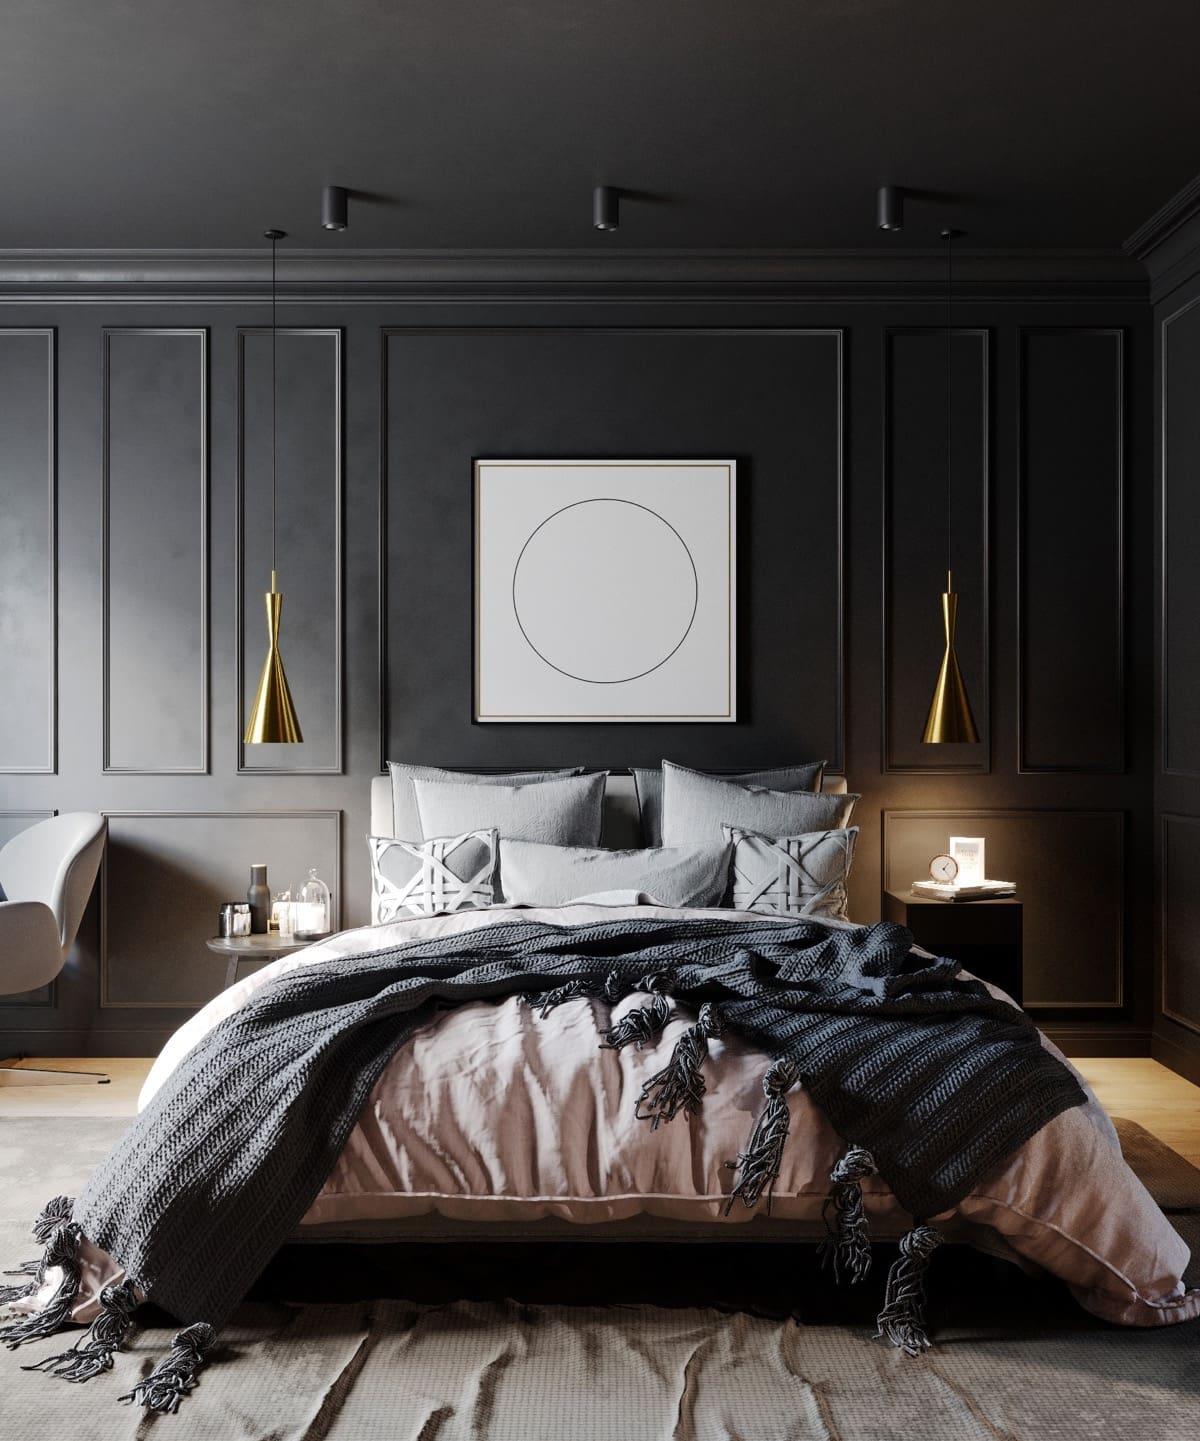 Cette photo sera une bonne aide pour créer un intérieur de chambre à coucher élégant et branché 2021.